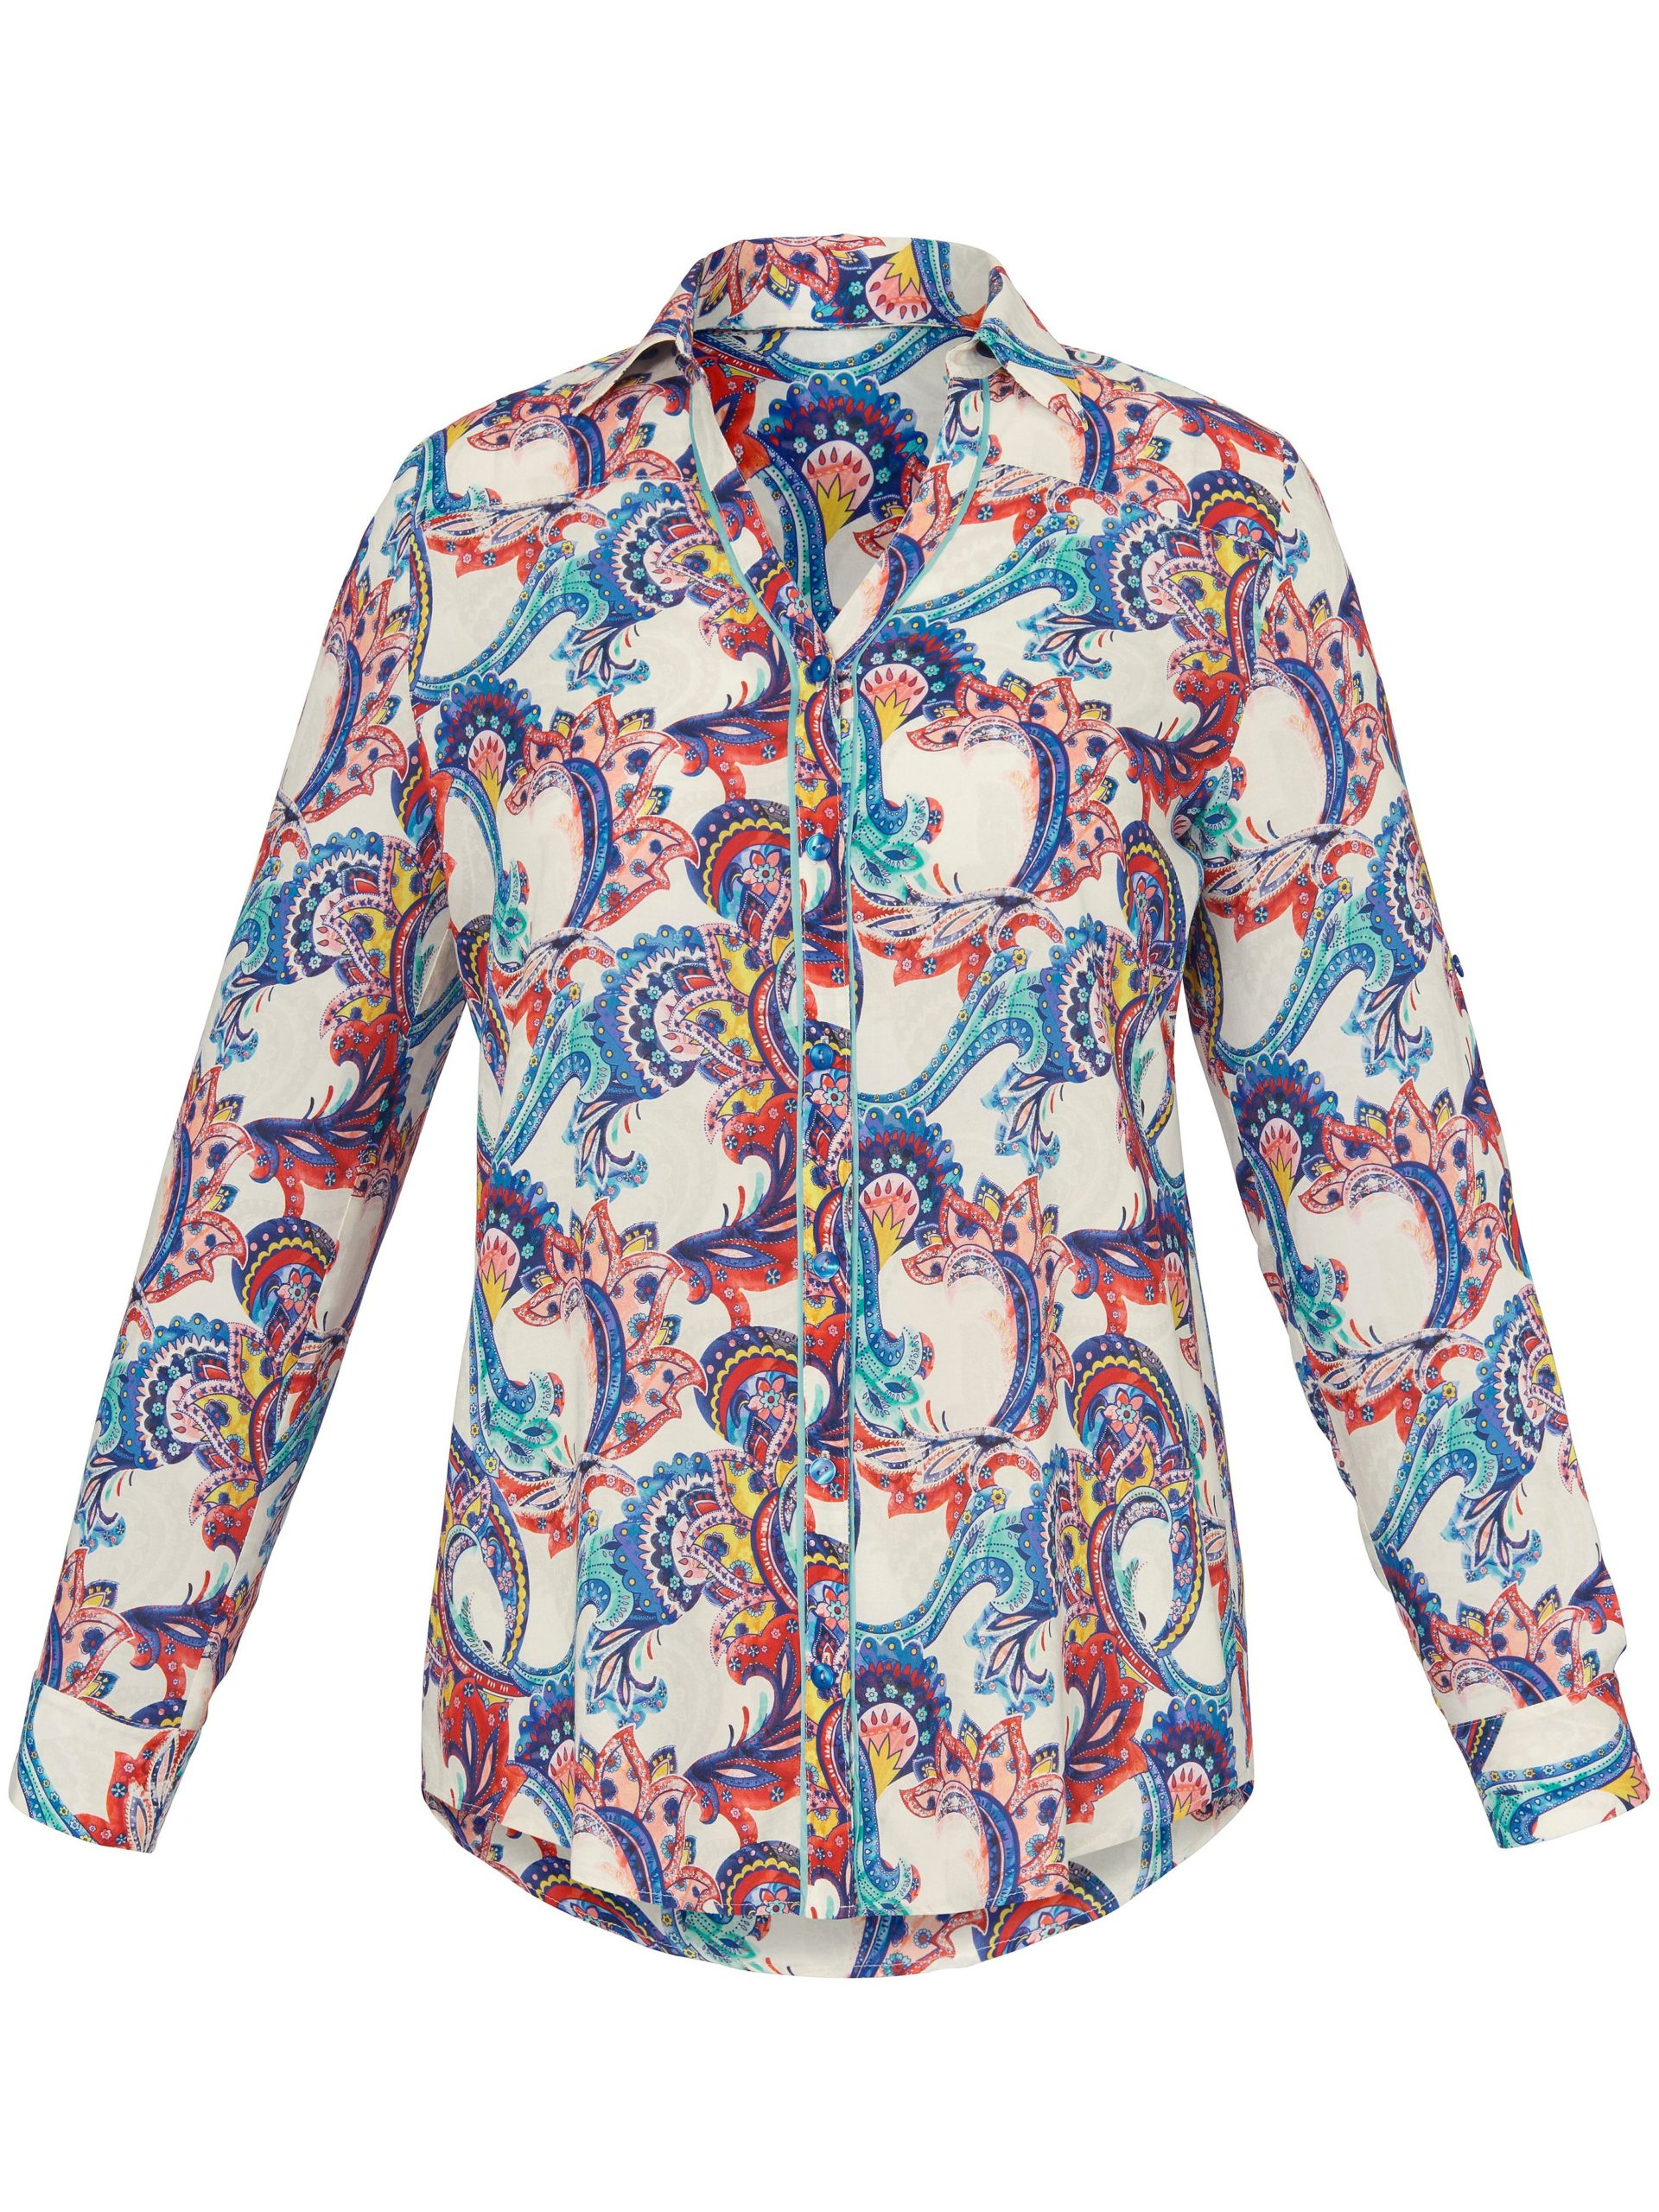 Blouse met lange mouwen Van Emilia Lay multicolour Kopen